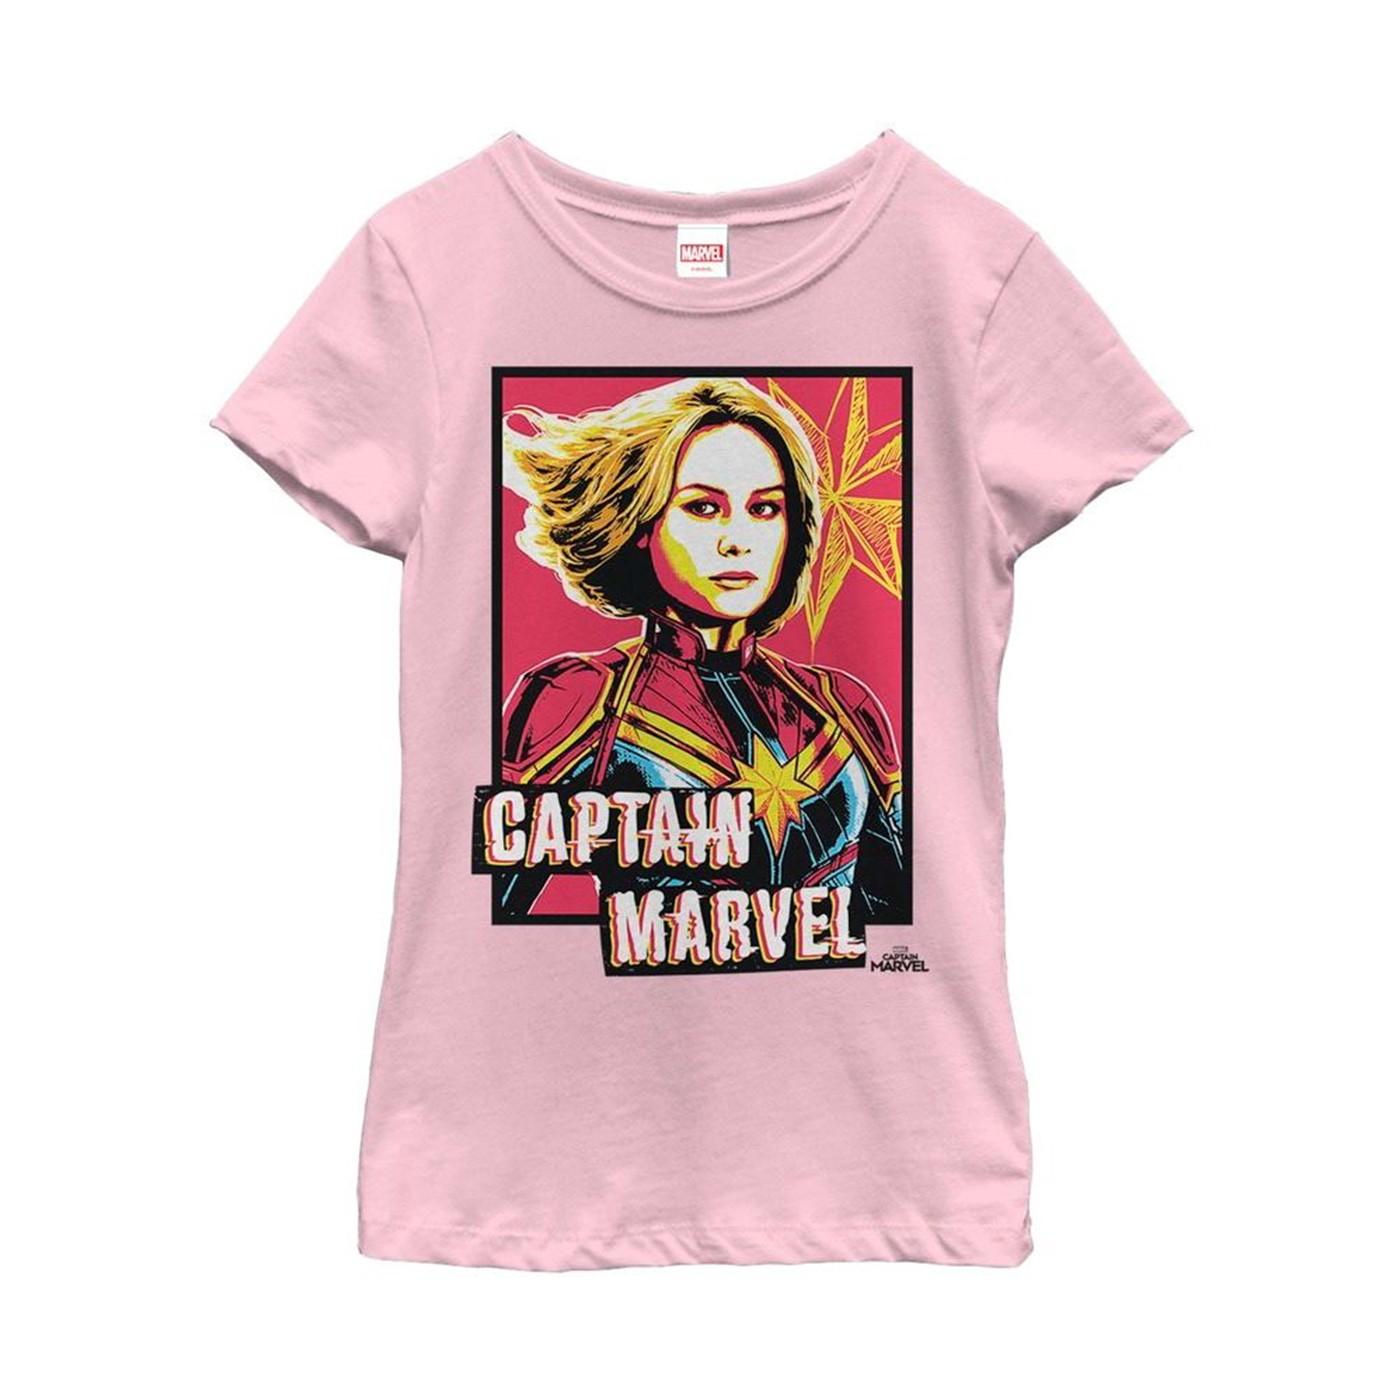 Captain Marvel Artistic Portrait Girl's T-Shirt